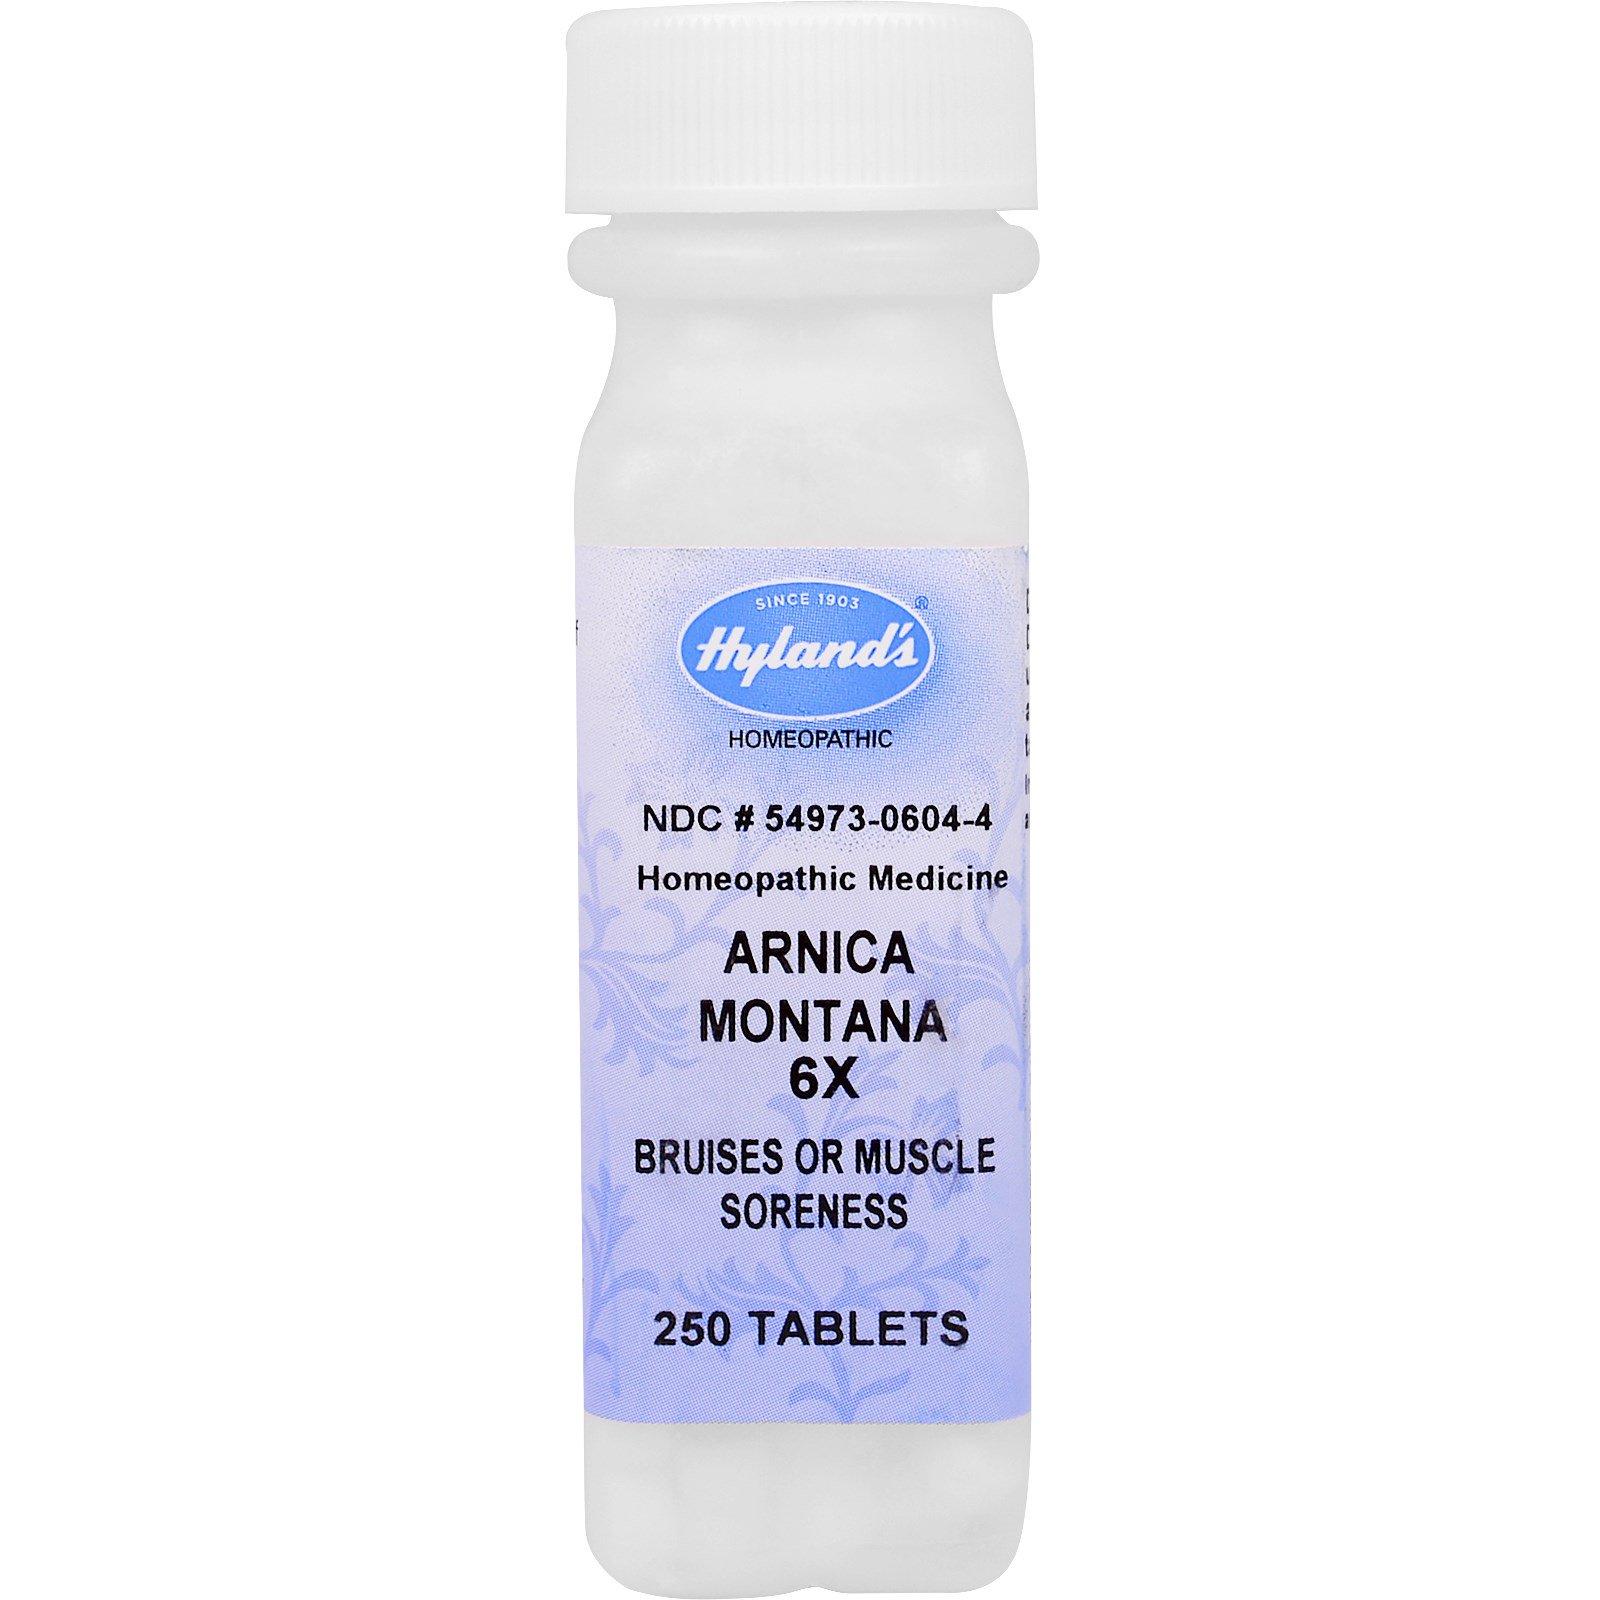 Hyland's, Арника горная (Arnica montana) 6X, от боли в мышцах и кровоподтеков, 250 таблеток